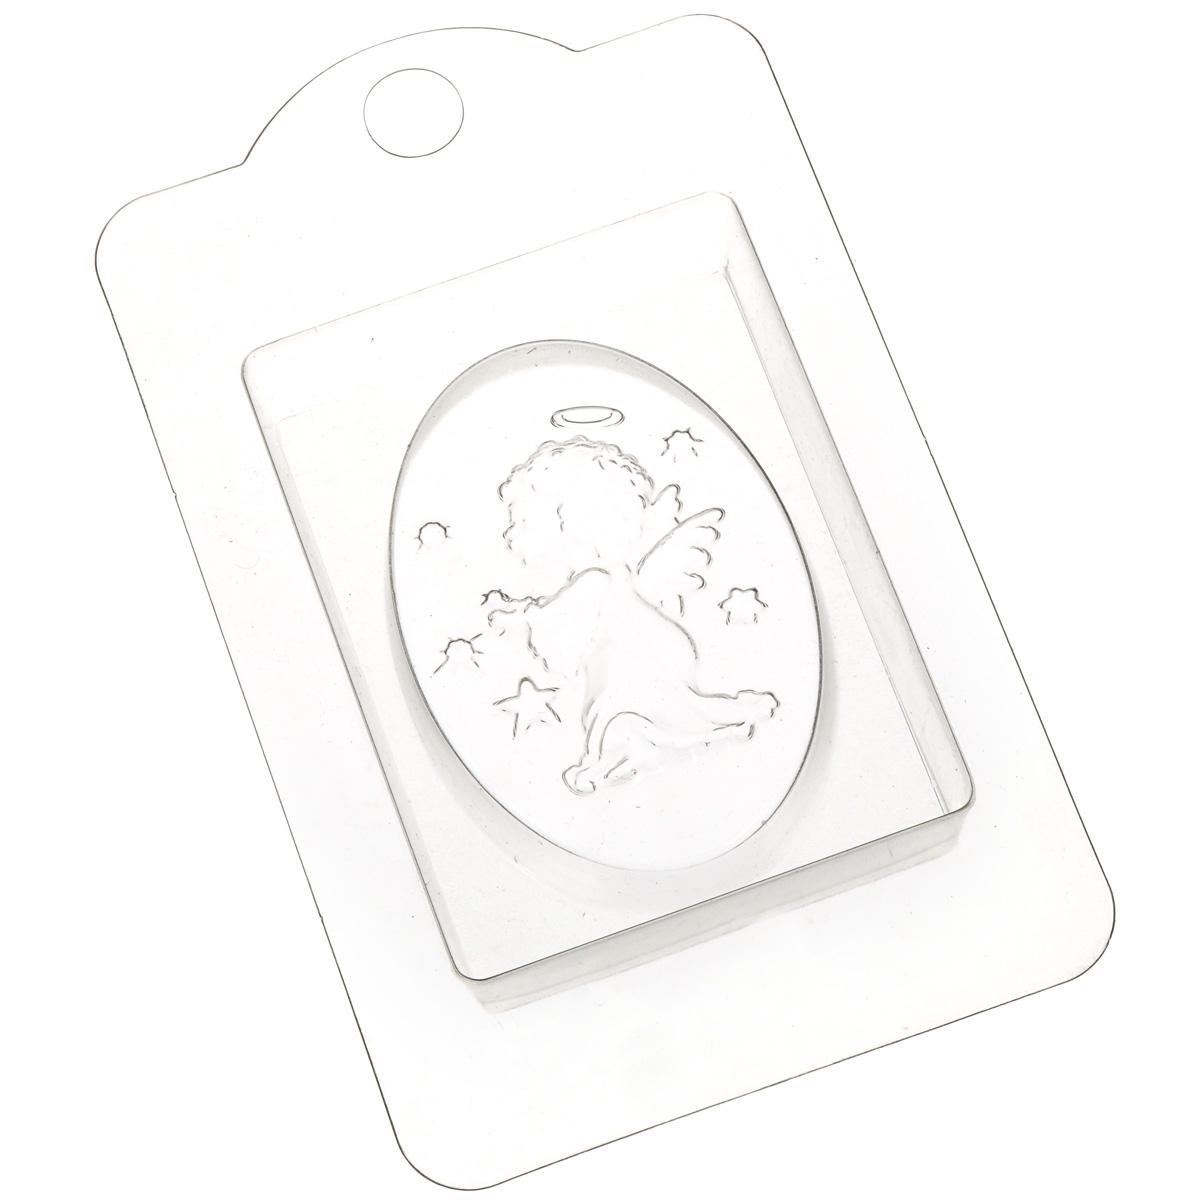 Форма пластиковая Кудрявый ангел, профессиональная, 19 см х 11,5 см х 3 см2700770021110Профессиональная пластиковая форма Кудрявый ангел позволяет изготовить оригинальное и красивое мыло ручной работы. Она выдерживает температуру до 67°С. Если вы всерьез увлеклись изготовлением мыла, такая форма вам просто необходима! Также изделие можно использовать при проведении мастер-классов, обучении детей и новичков мыловарению. По окончании работы у вас получится превосходное мыло с рельефным изображением ангелочка. Общий размер формы: 19 см х 11,5 см х 3 см. Размер формочки для мыла: 10 см х 7 см х 1,8 см.